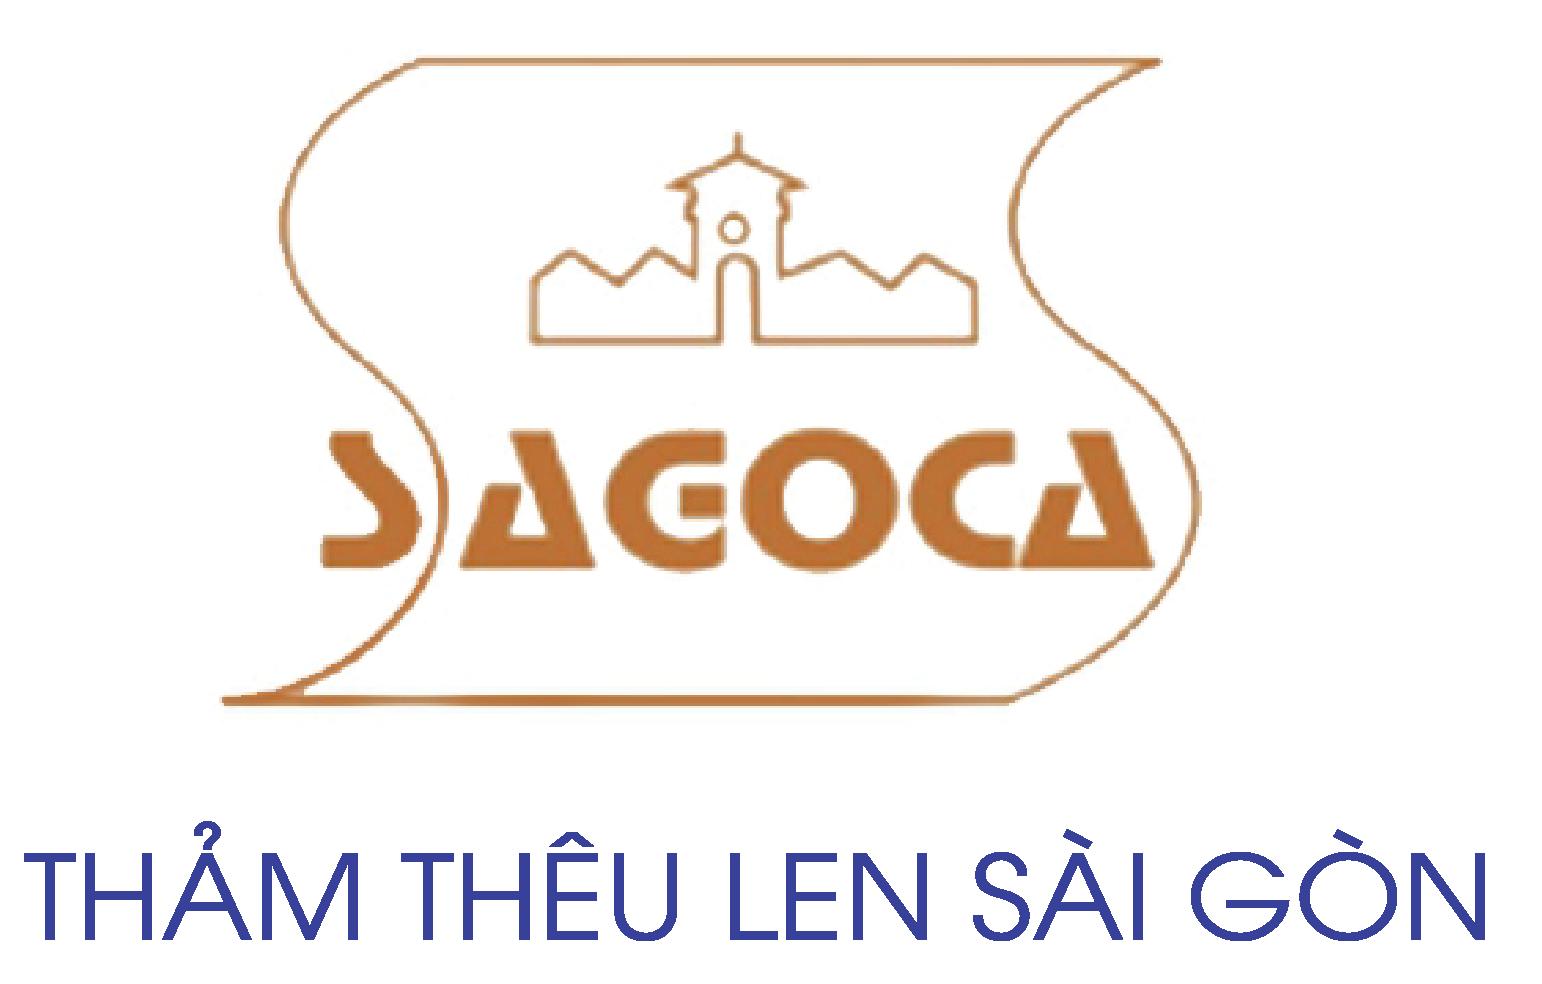 sagoca-1503-2503